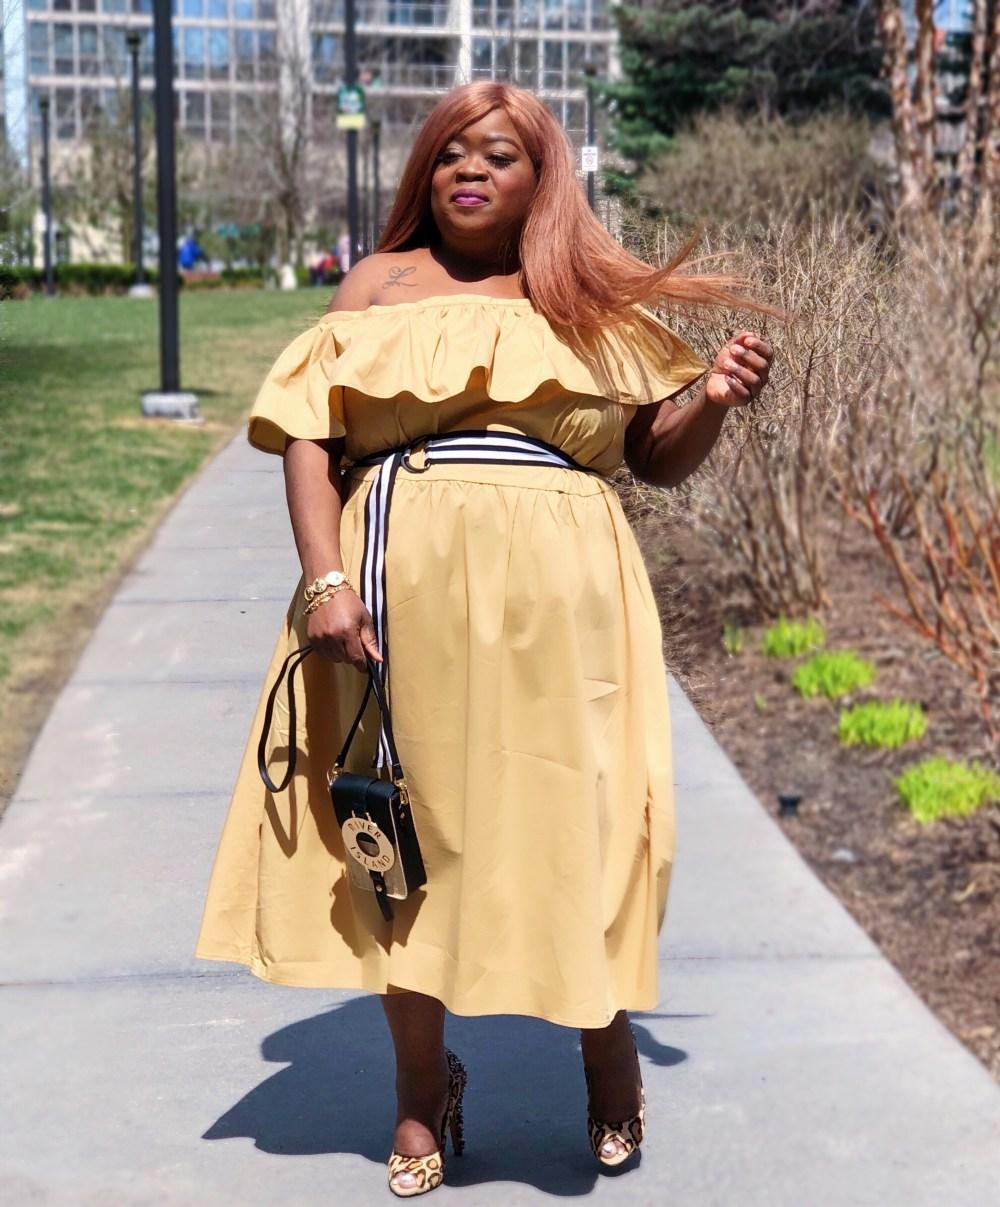 www - plus size fashion Shoulder Ruffle Midi Dress - Who What Wear Tan - plus size - rivers island - sam eldman - plus size blogger - fro plus fashion - chasi jernigan